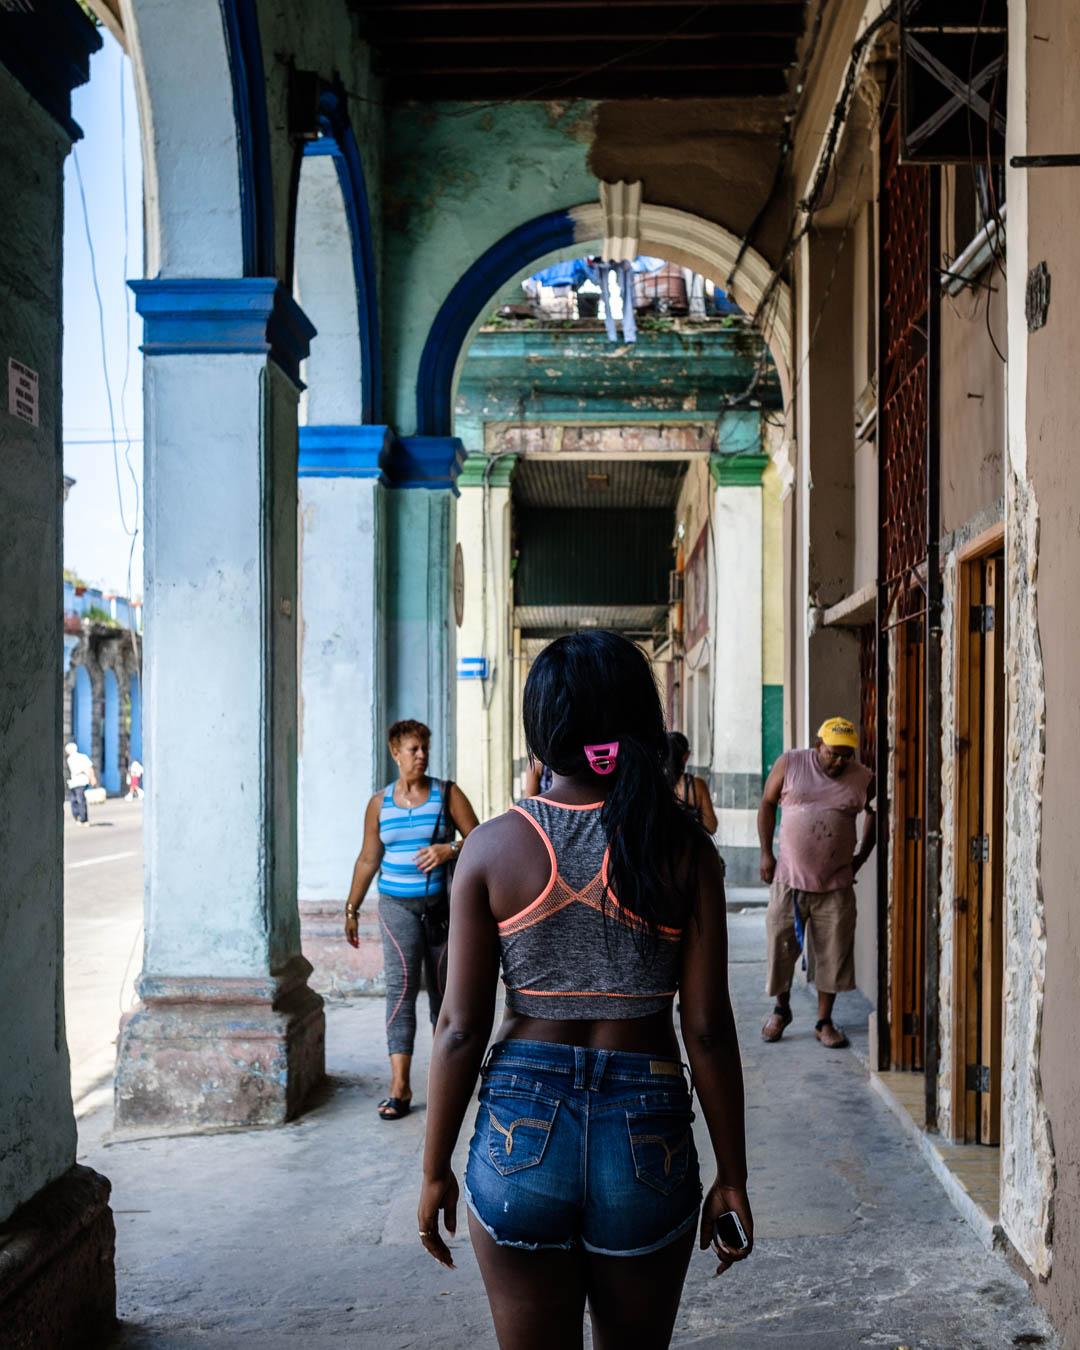 180430-Havana-171-1080.jpg